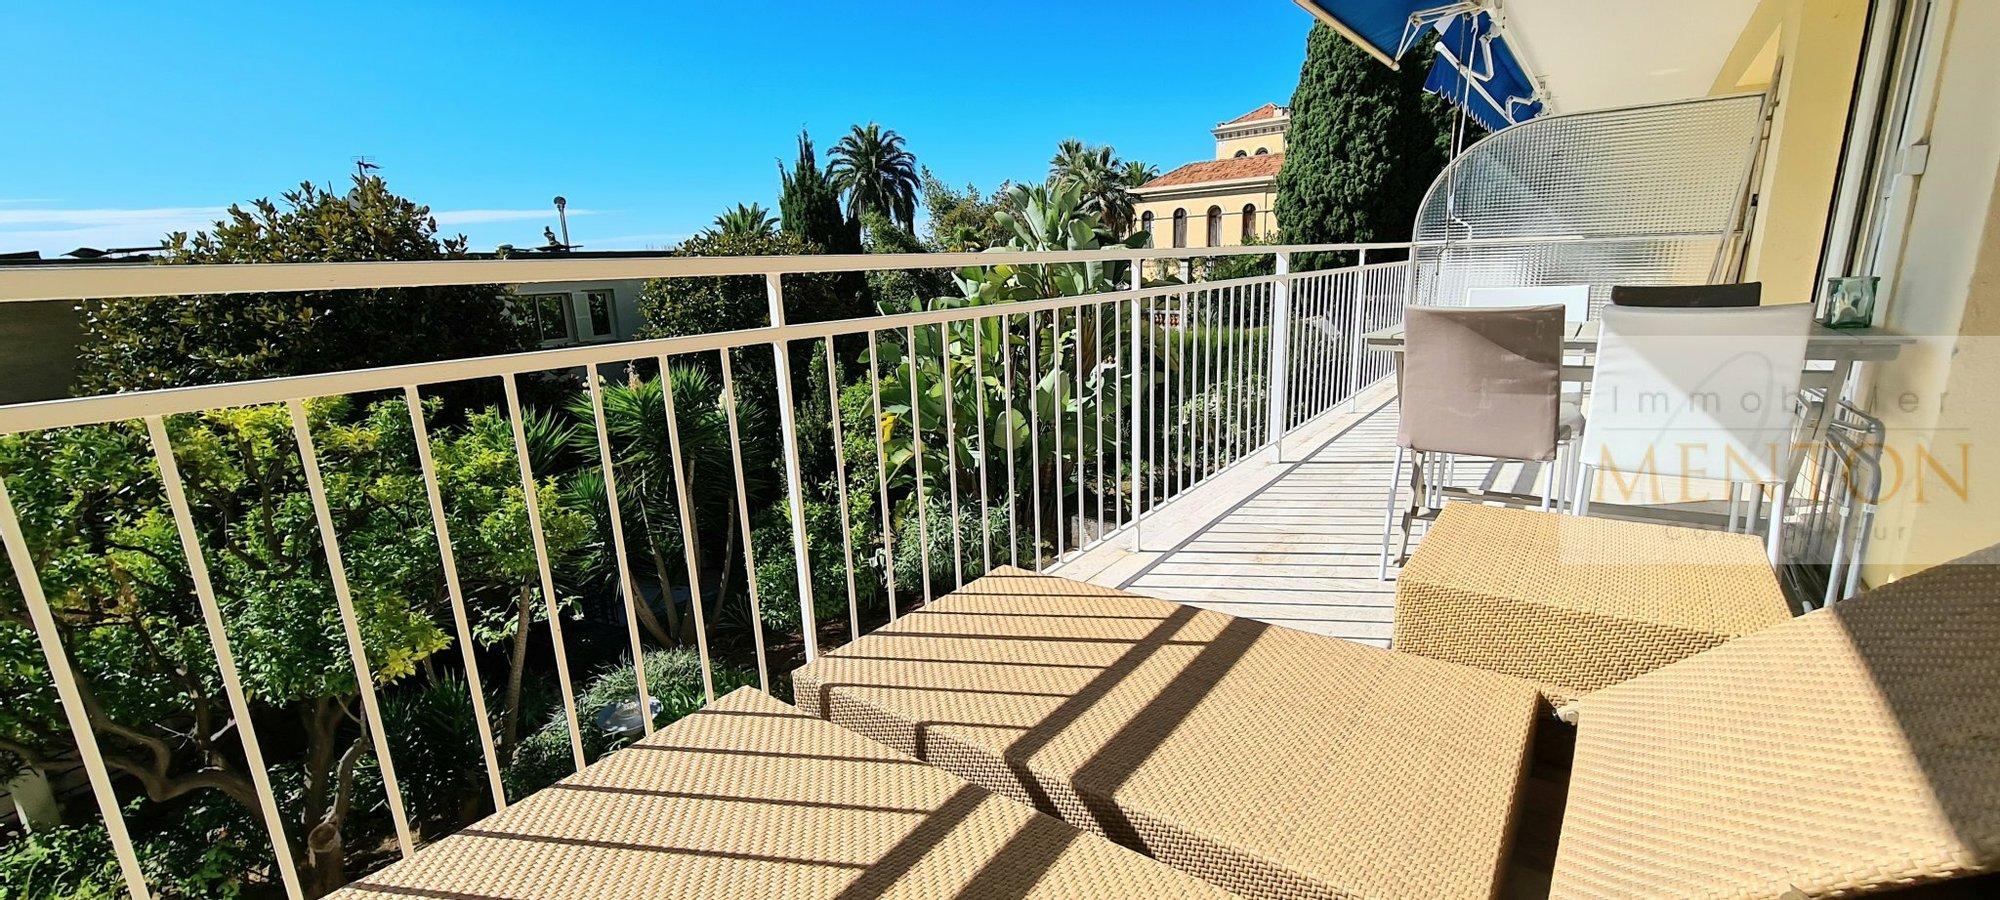 Apartment in Menton, Provence-Alpes-Côte d'Azur, France 1